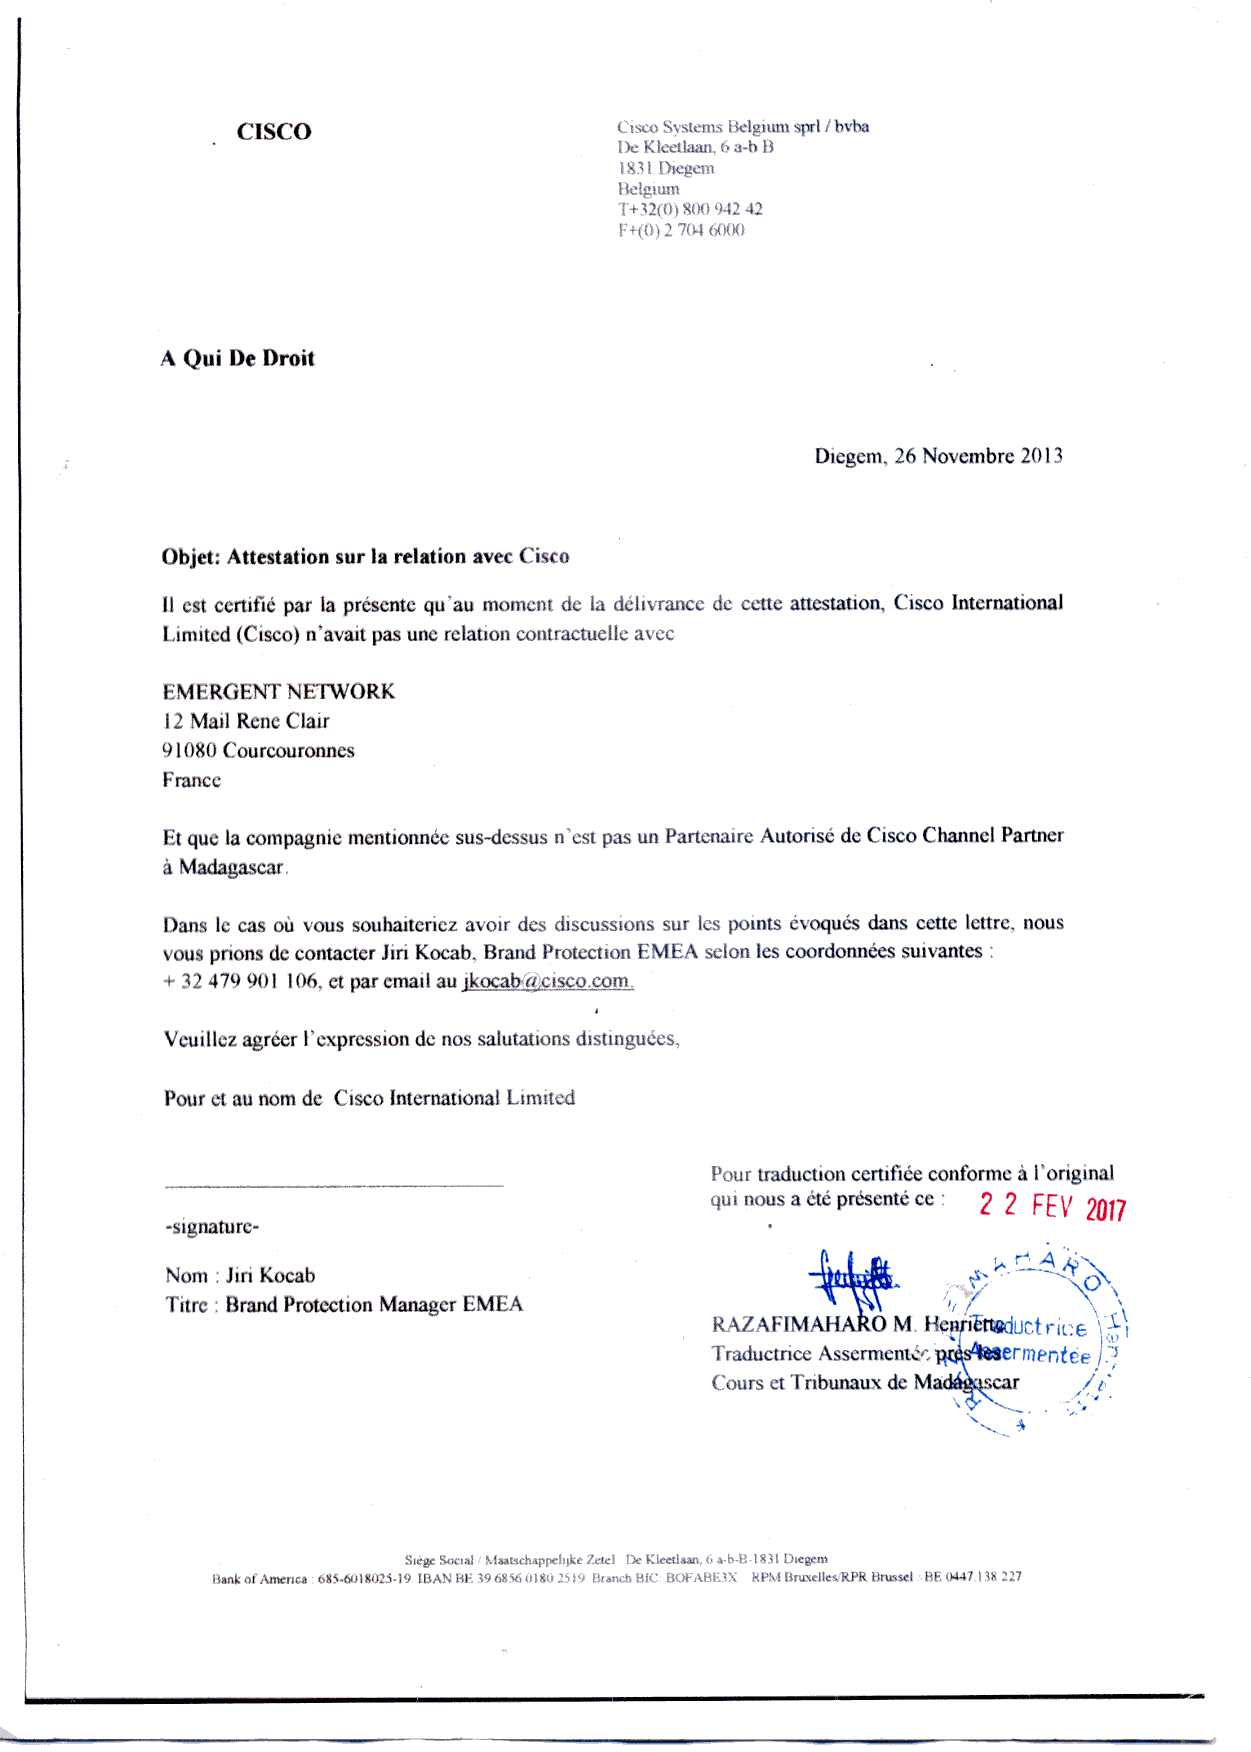 attestation cisco du 26 novembre 2013 traduite par RAZAFIMAHARO - La totalité des décisions de justice condamnant Solo